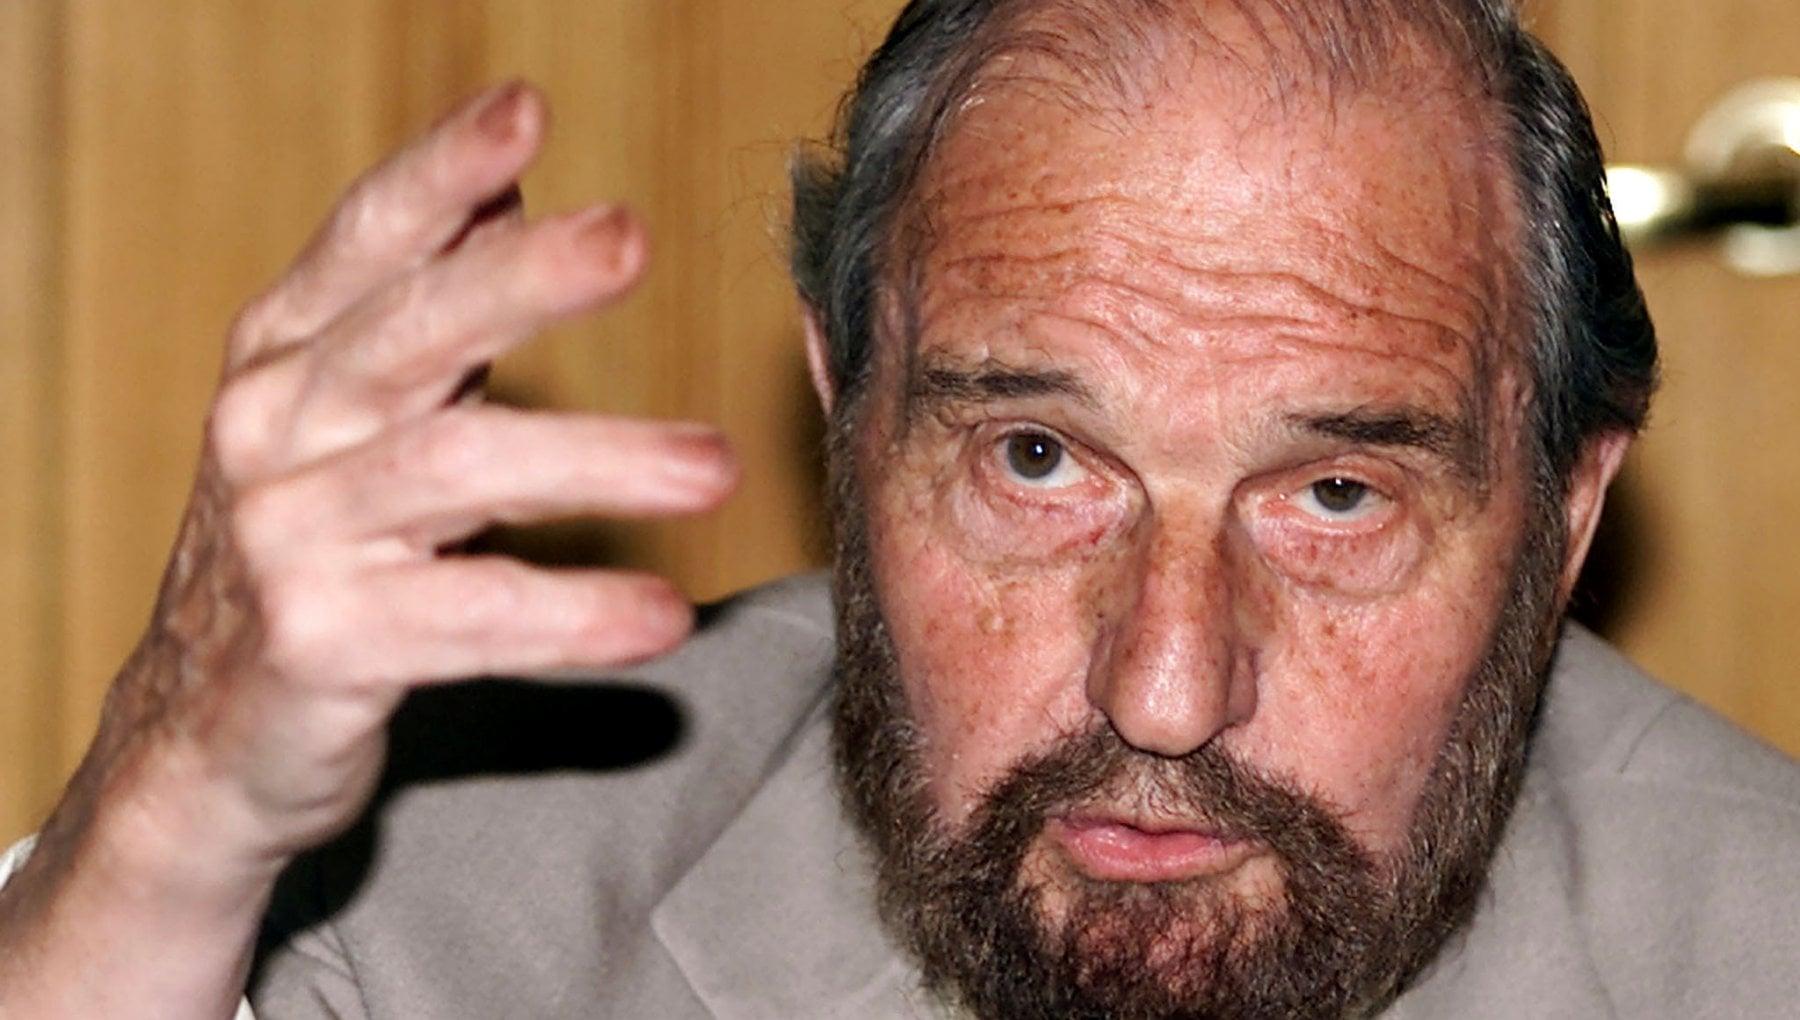 122513205 28956721 a317 4060 ac30 9b065636f9df - Muore a 98 anni George Blake, lo 007 britannico che faceva la spia per Mosca